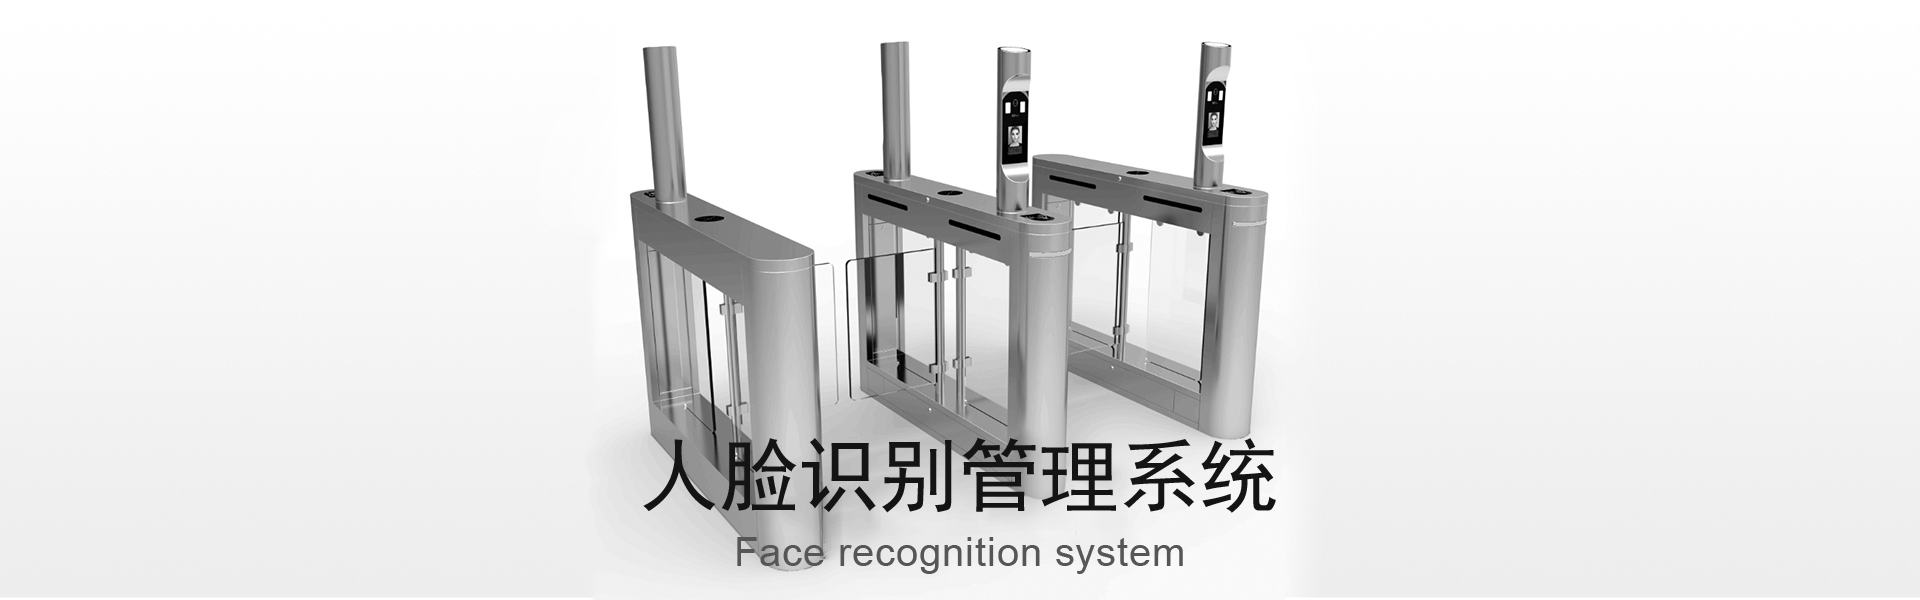 人臉識別通道系統